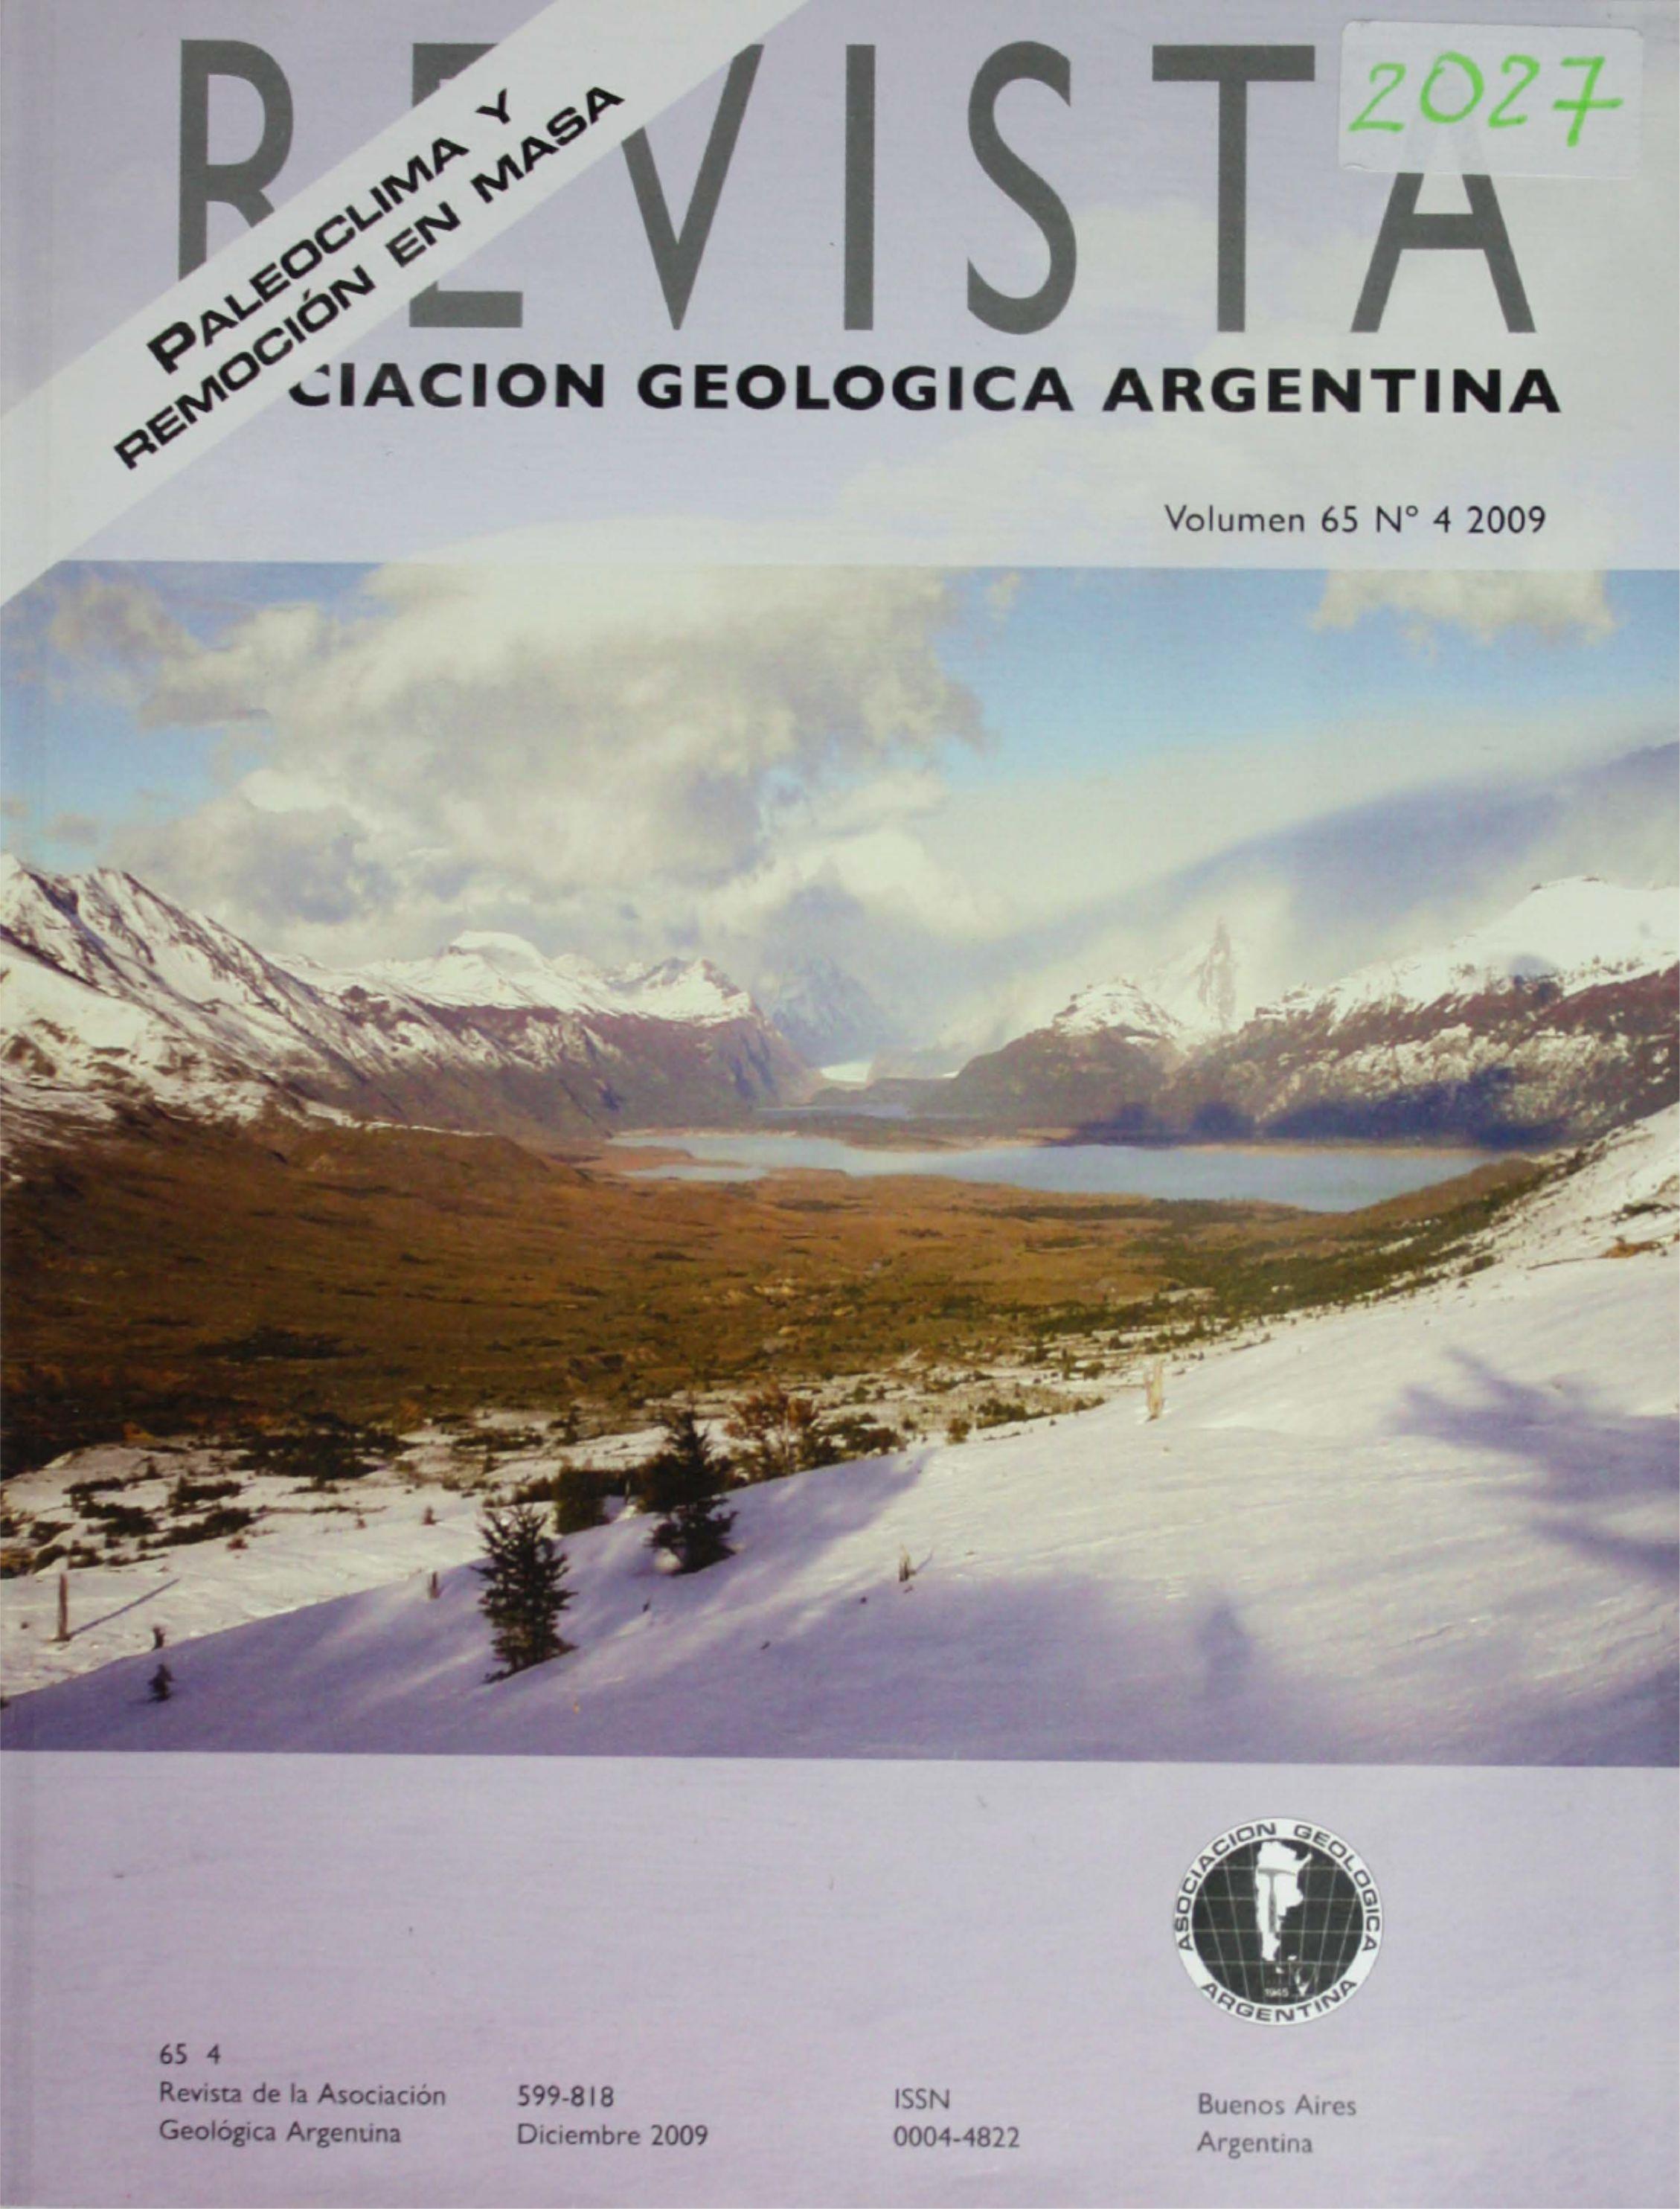 Artesa labrada por difluencia del glaciar Brazo Sur, lago Argentino, Santa Cruz. Fotografía Juan Pablo Lovecchio